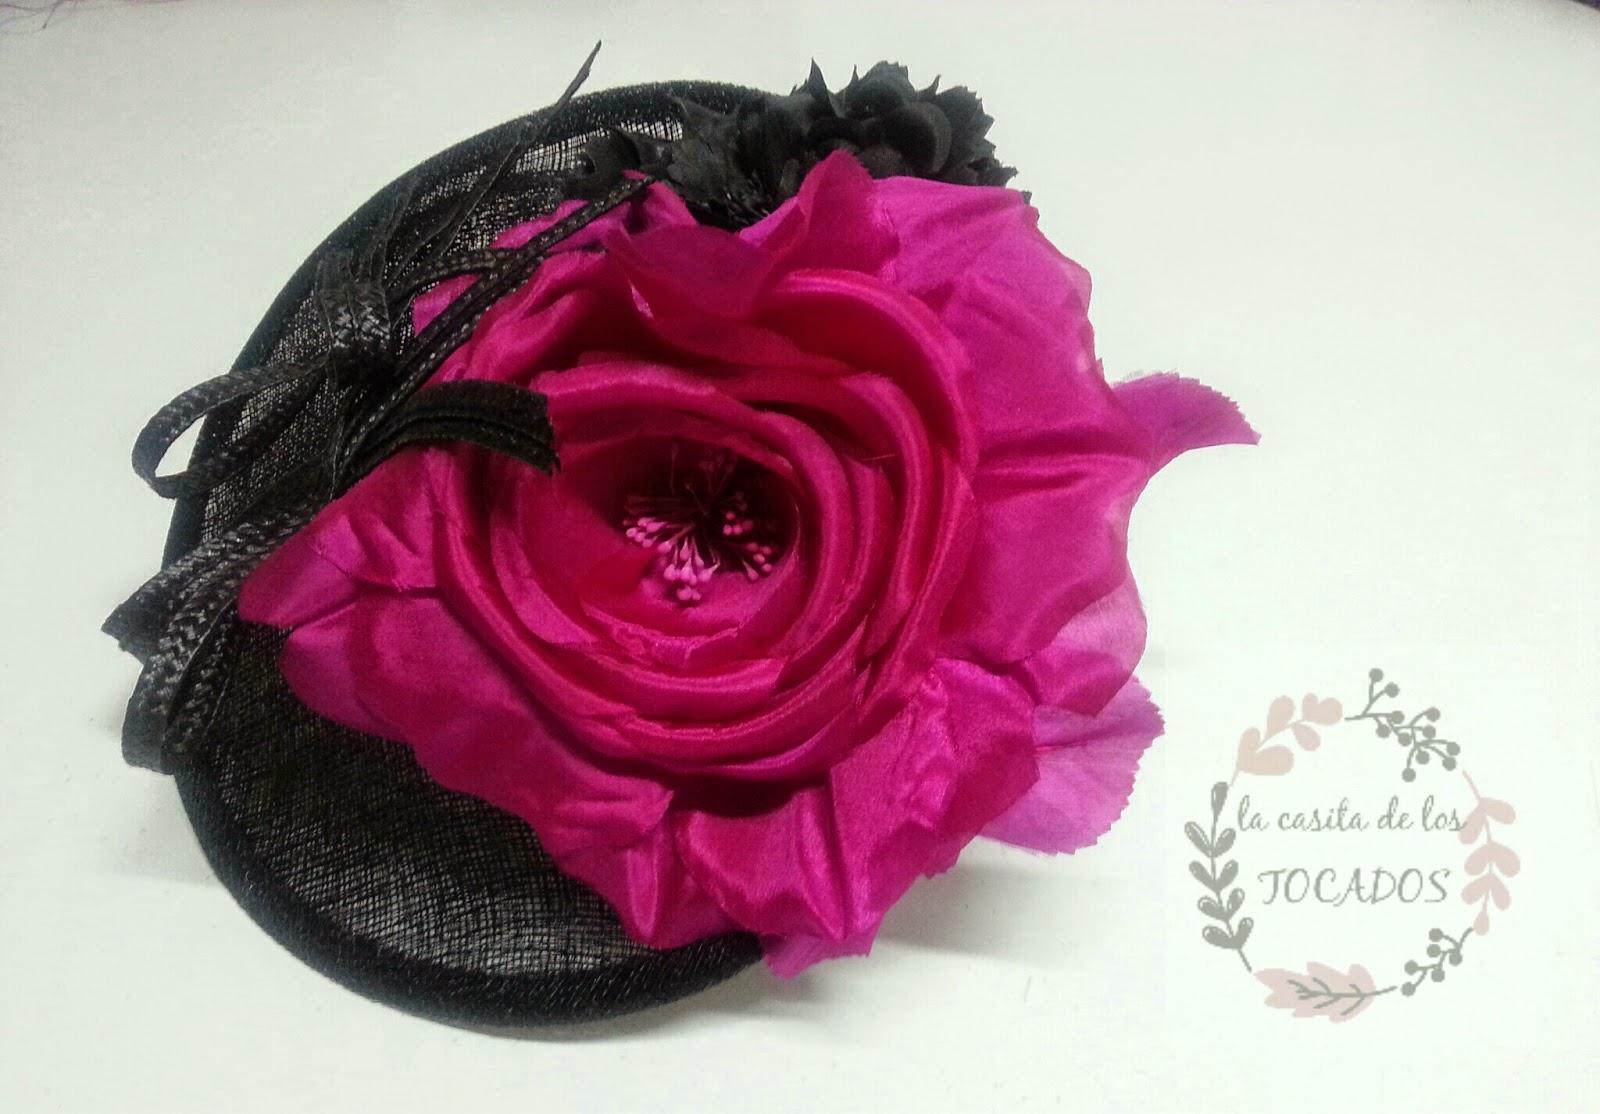 tocado fucsia y negro con base redonda invertida y dos flores una negra y otra fucsia